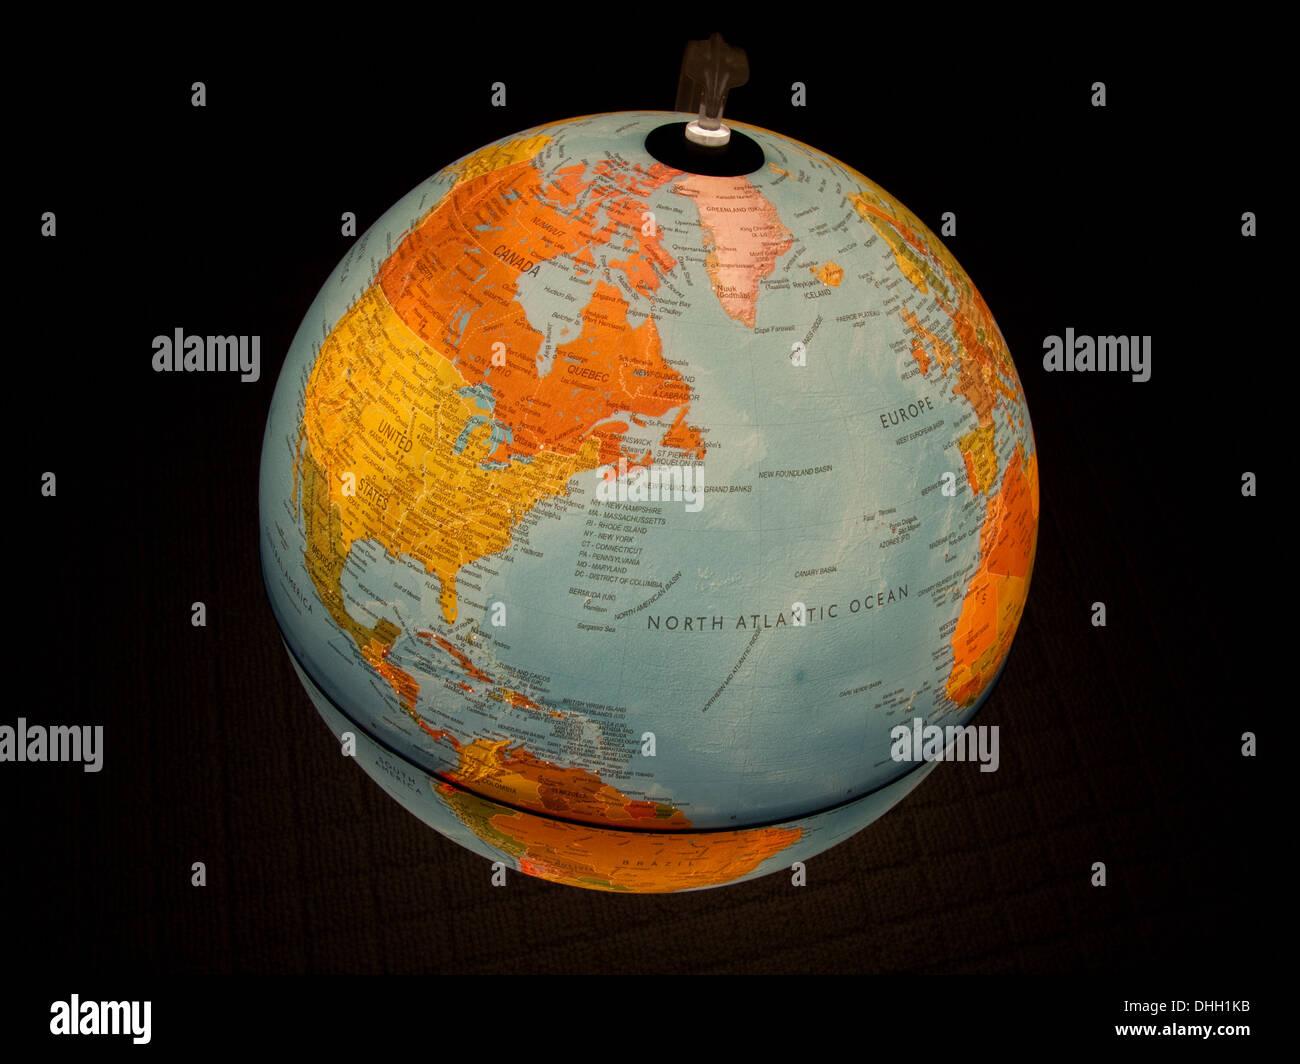 La planète Terre comme représenté sur un globe lumineux. Photo Stock